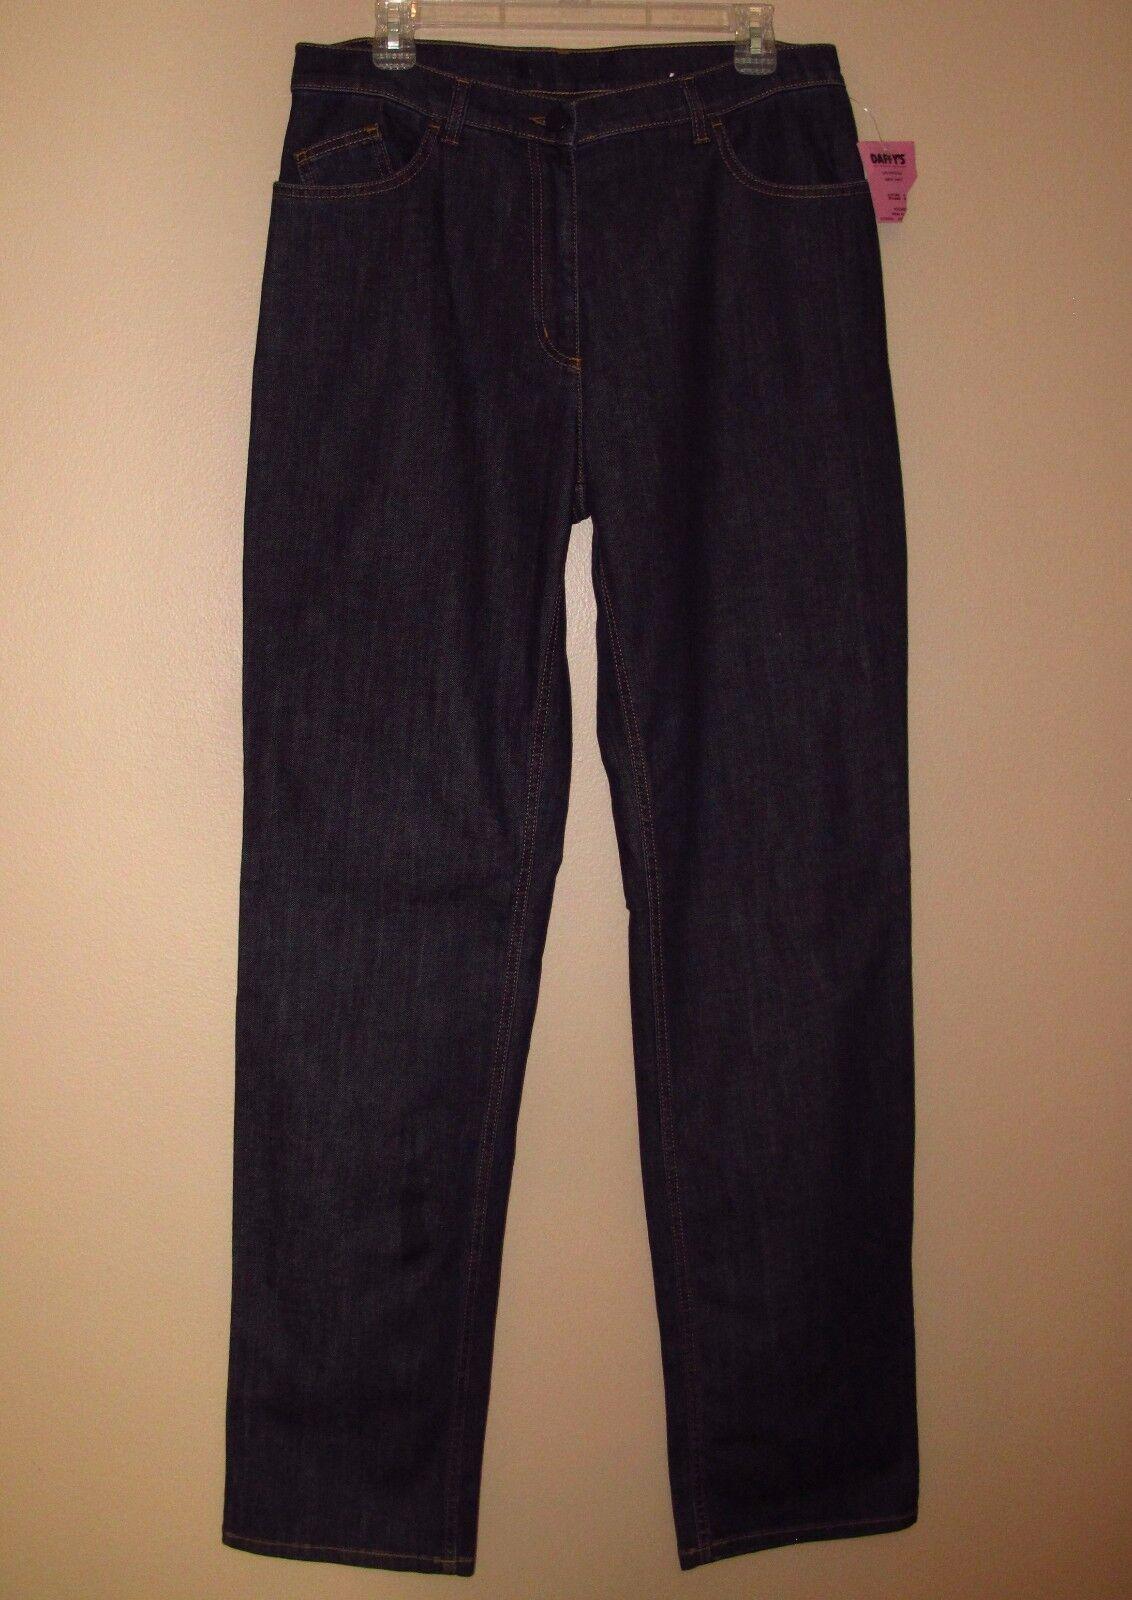 Marina Rinaldi Max Mara  Dark Slim High Waist X-Long Jeans MR 21 US 12-14W